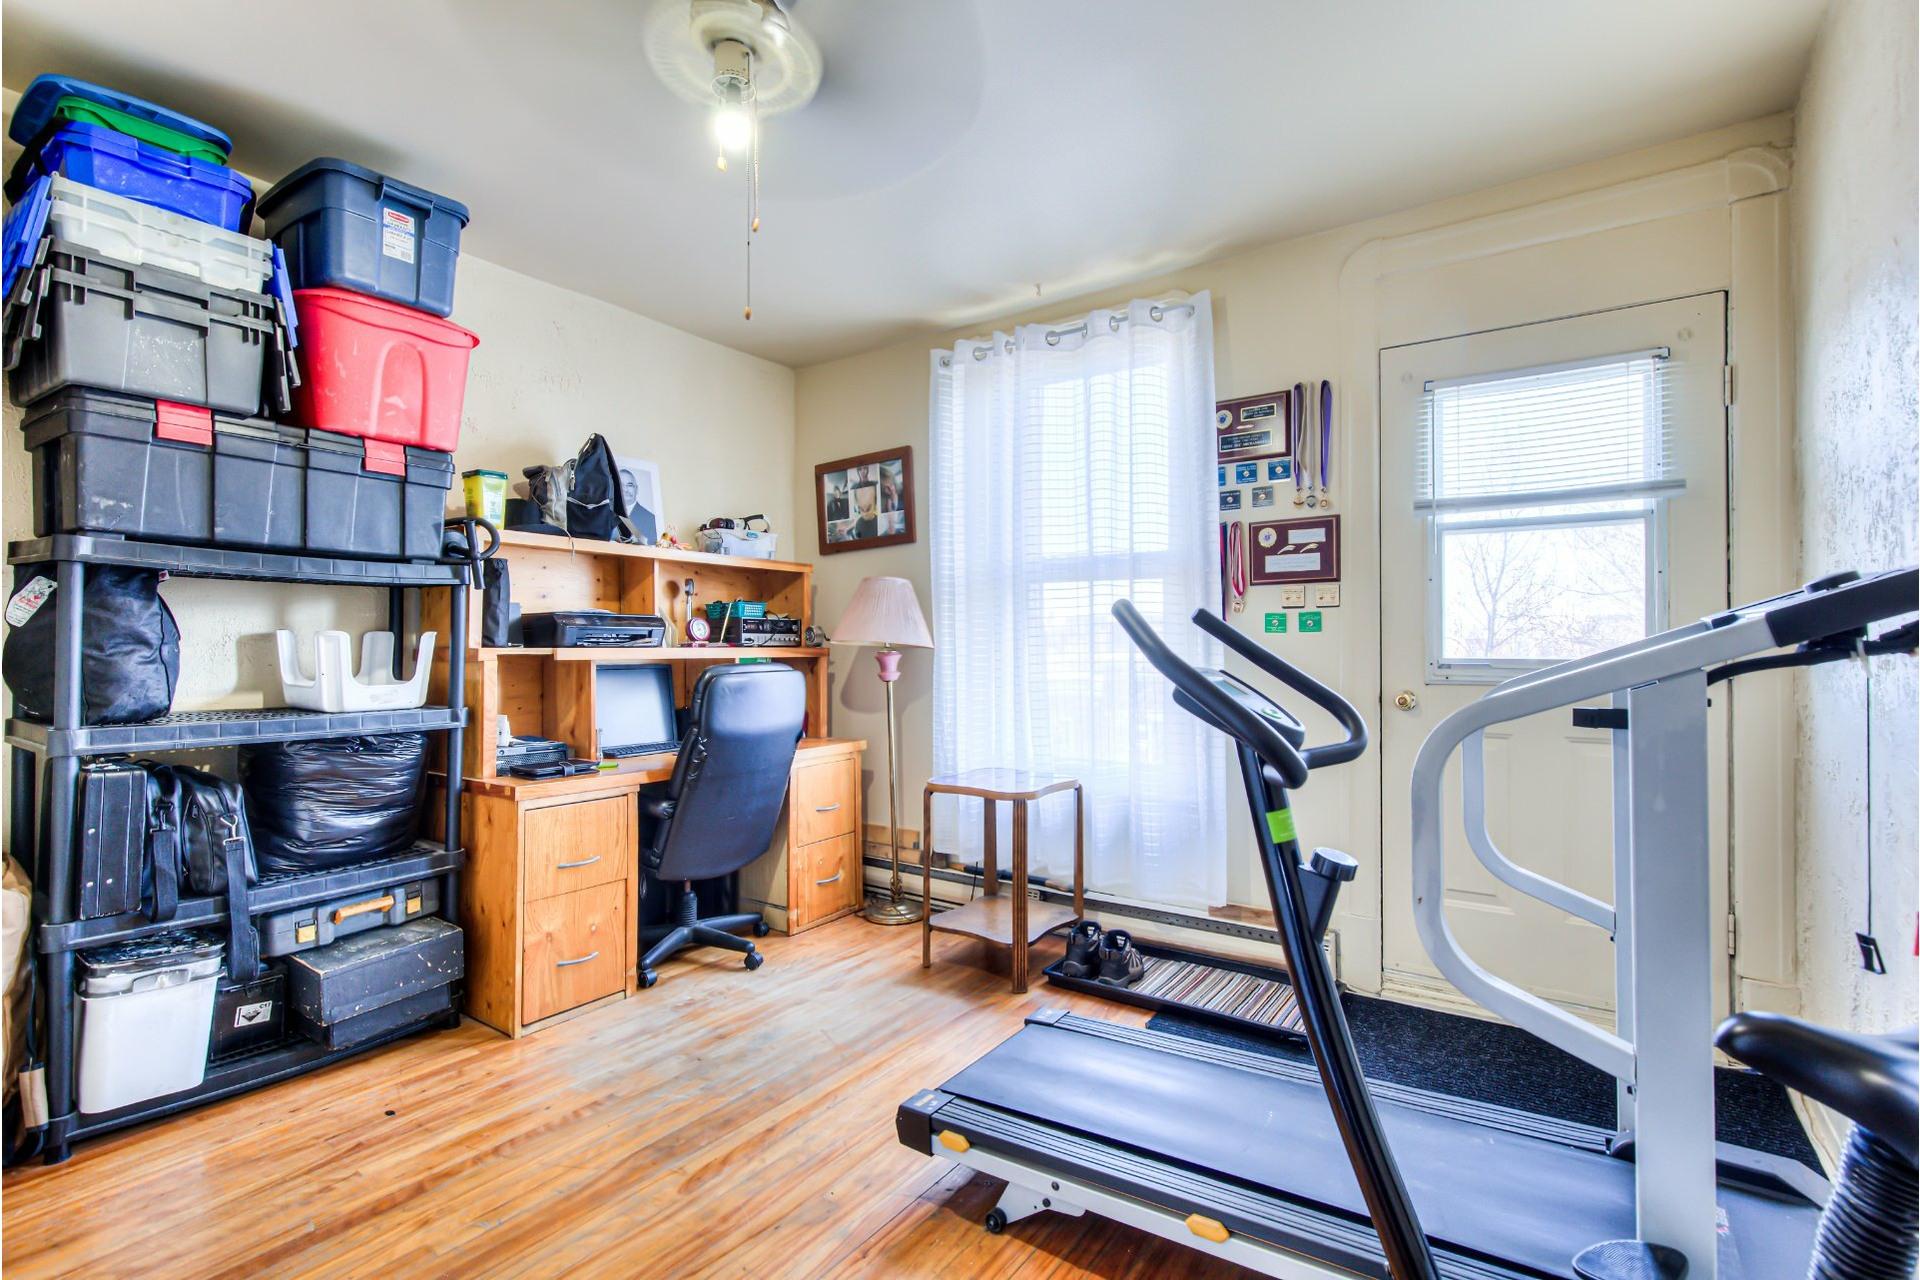 image 19 - Triplex For sale Le Sud-Ouest Montréal  - 5 rooms